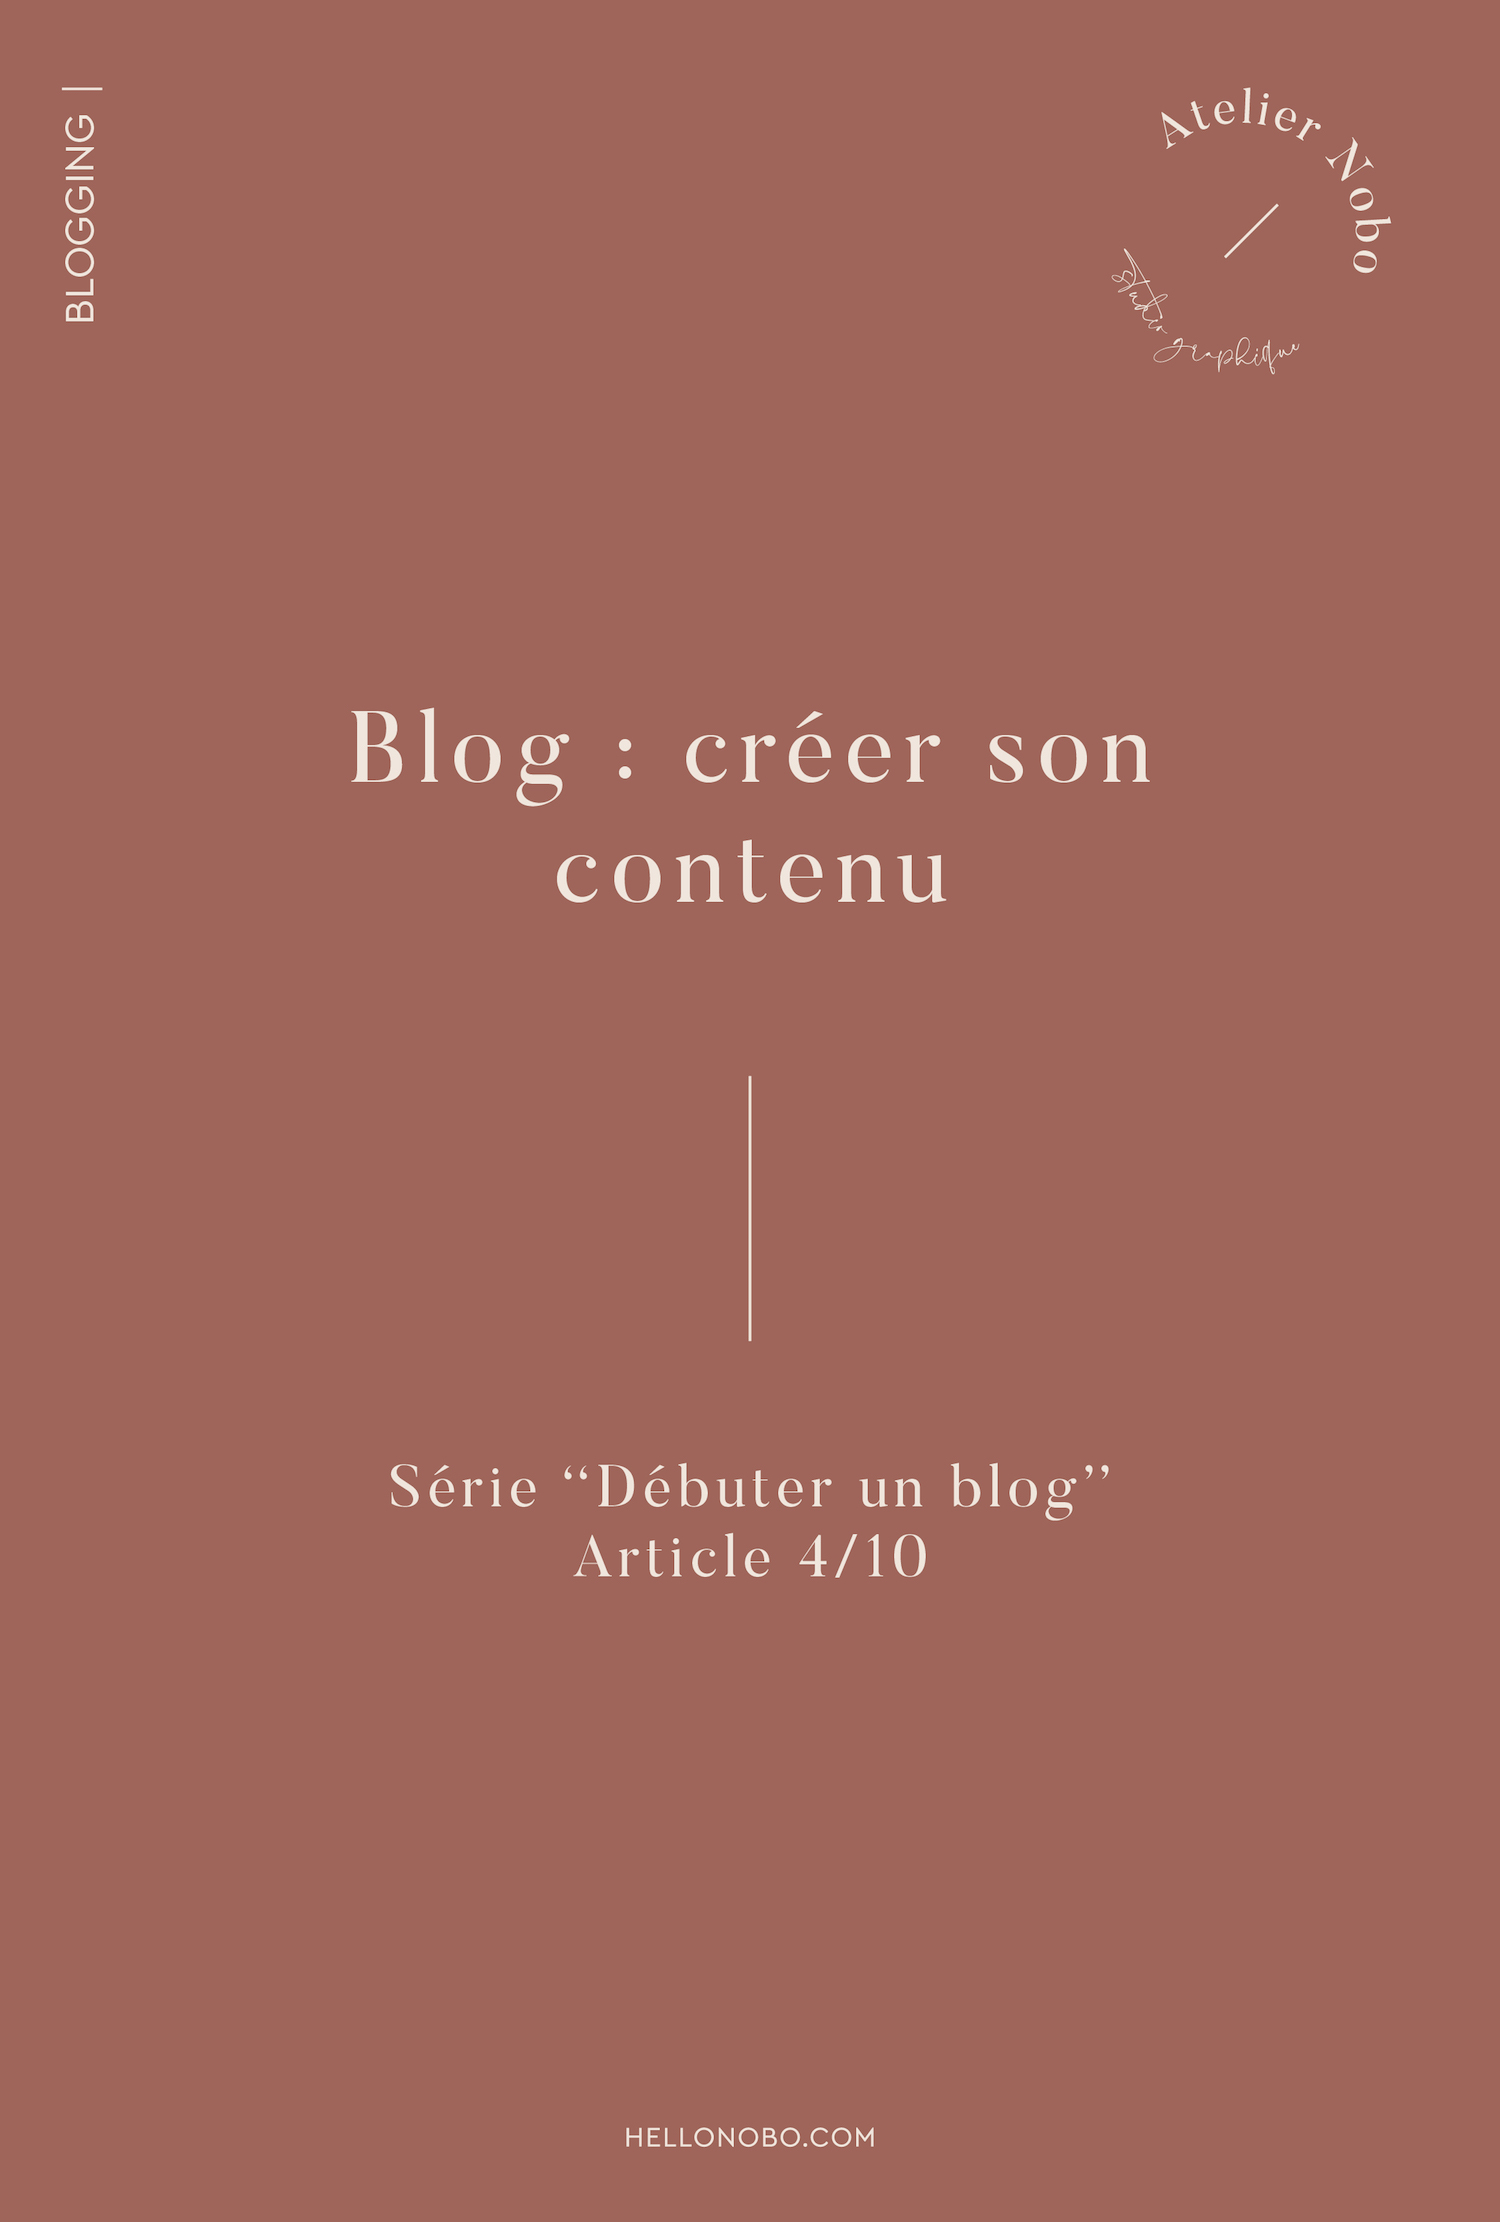 creer son contenu - hellonobo.com